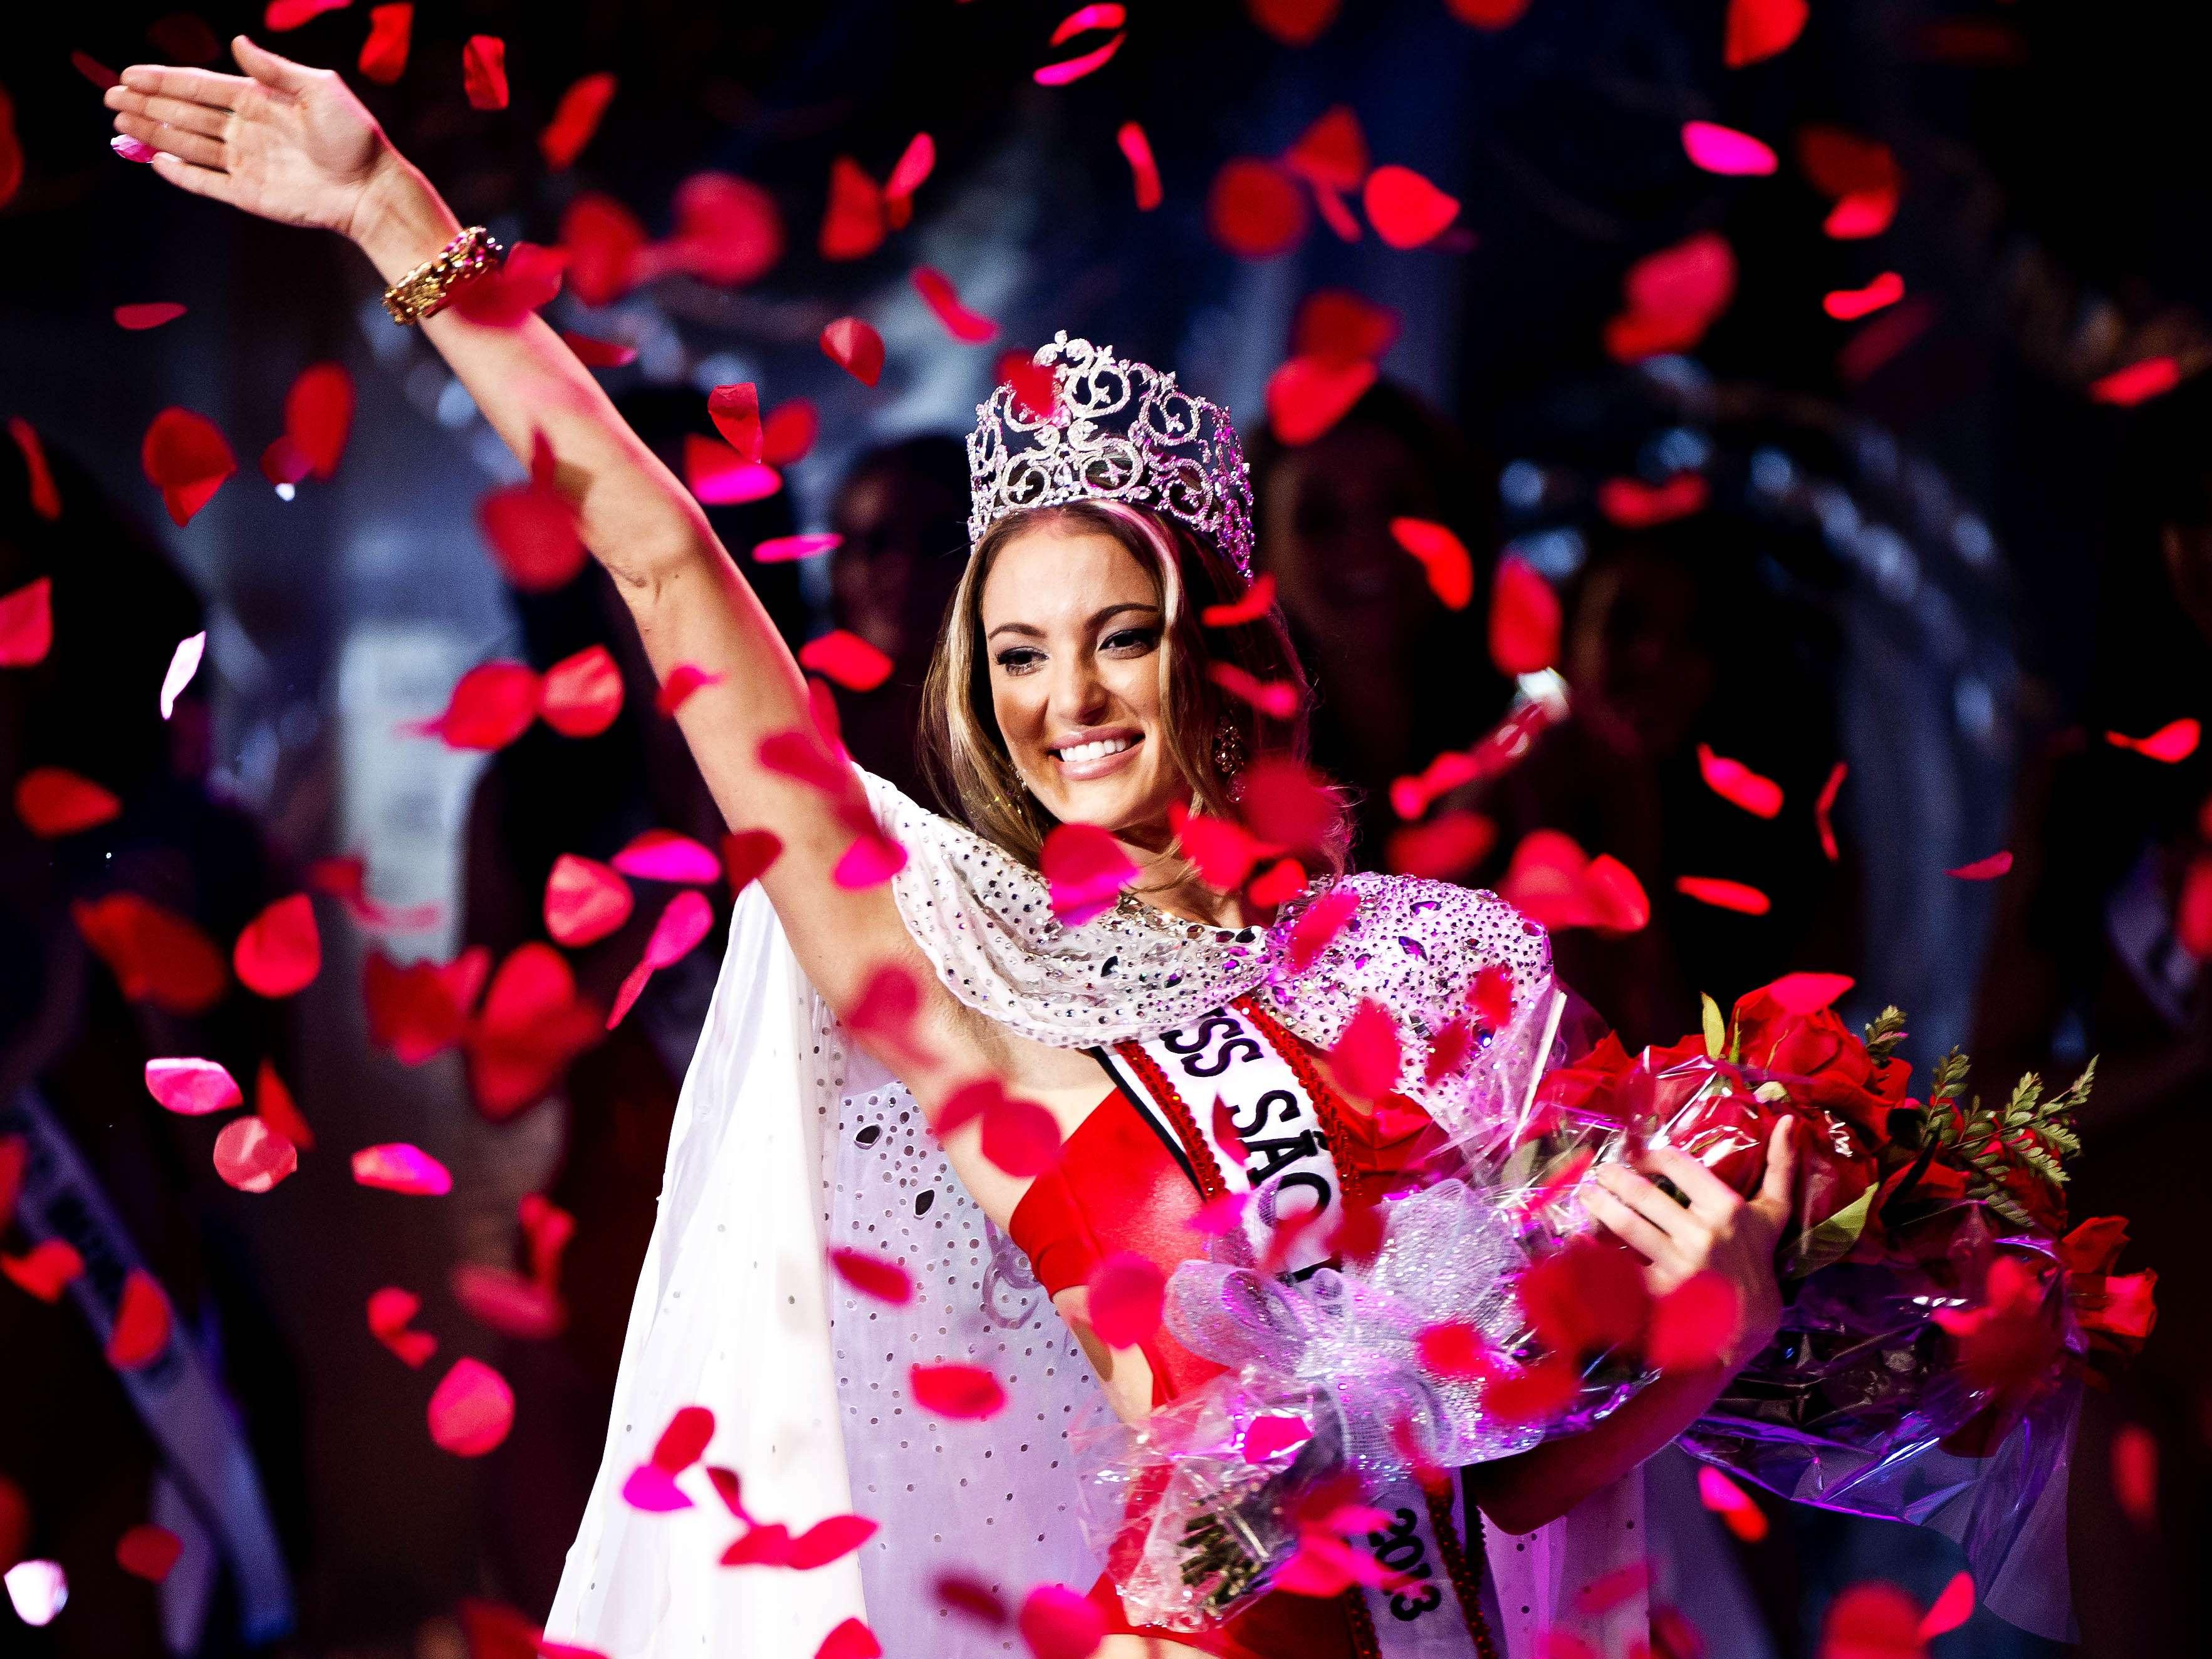 Bruna Michels, a candidata de Diadema, foi a vencedora do Miss São Paulo 2013, evento realizado na noite deste sábado (17) Foto: Bruno Santos/Terra